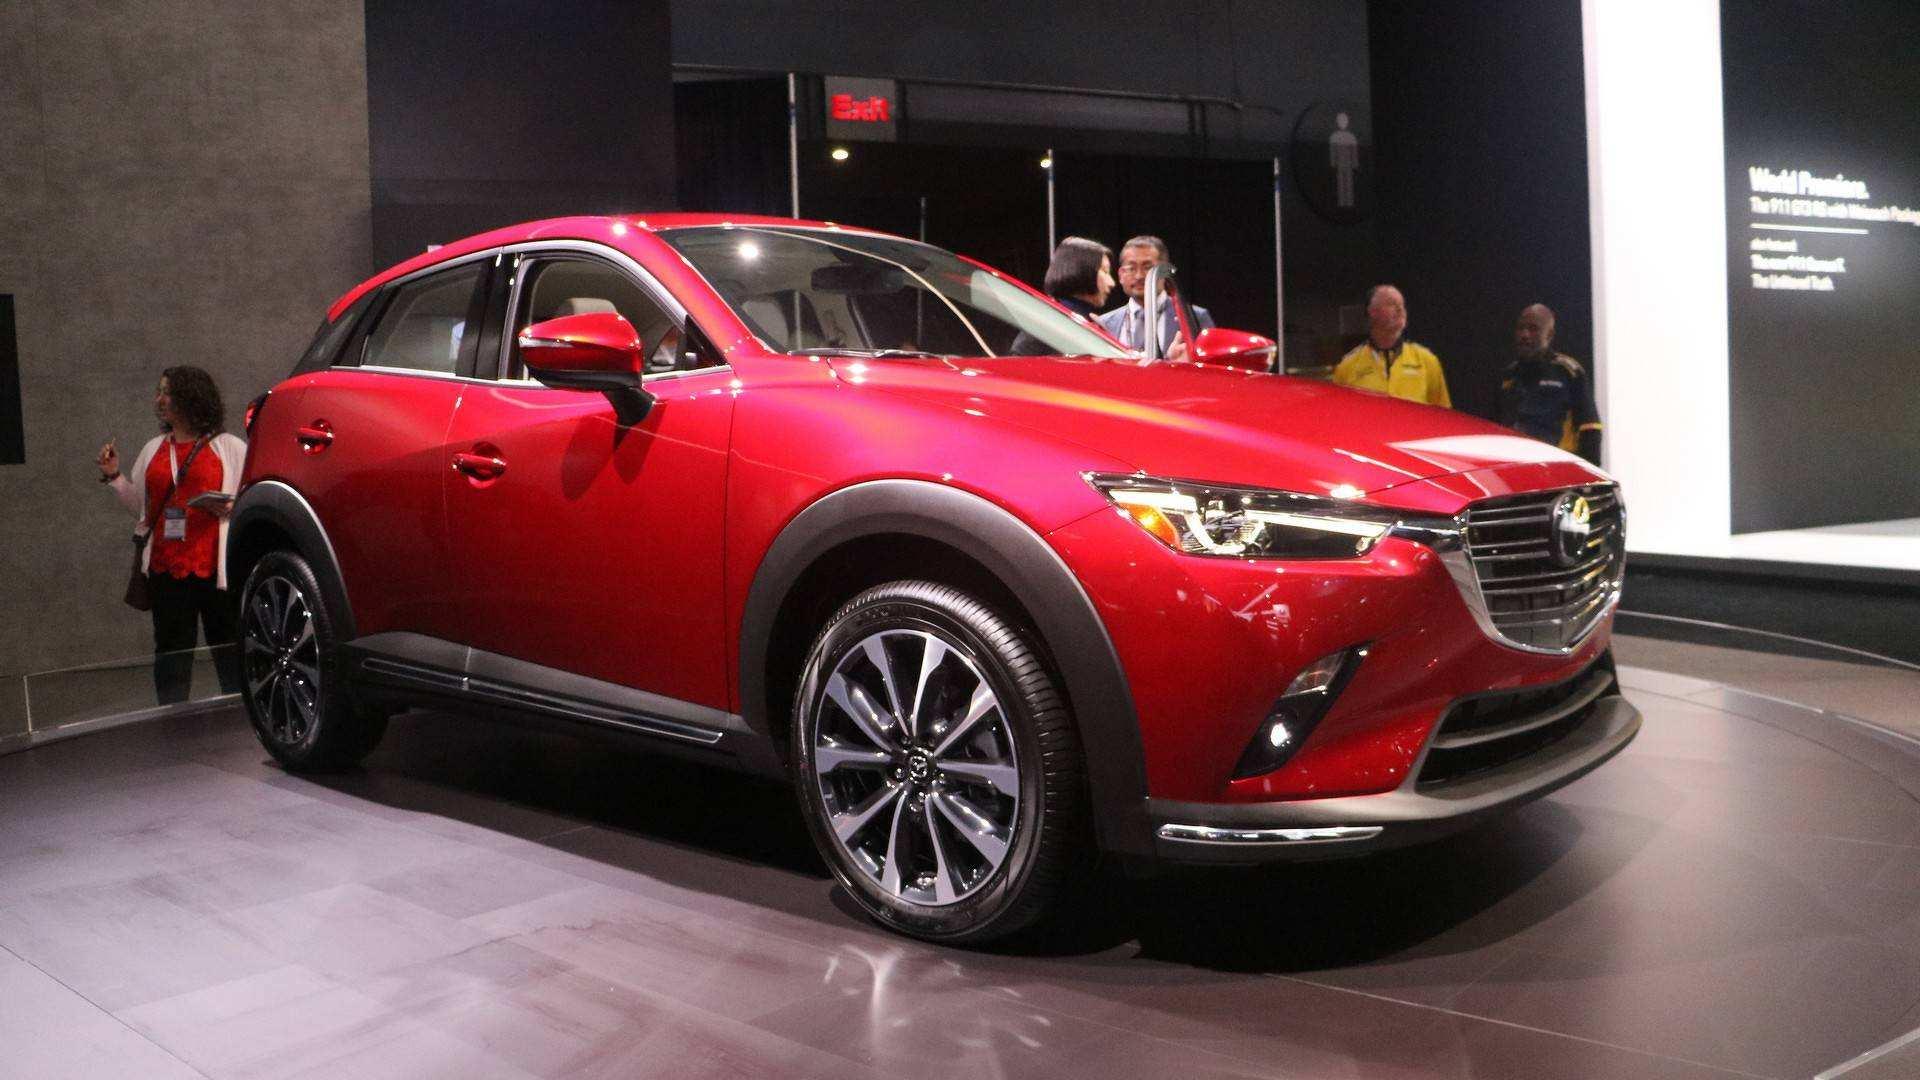 31 All New New Precio Cx3 Mazda 2019 Rumors Images with New Precio Cx3 Mazda 2019 Rumors